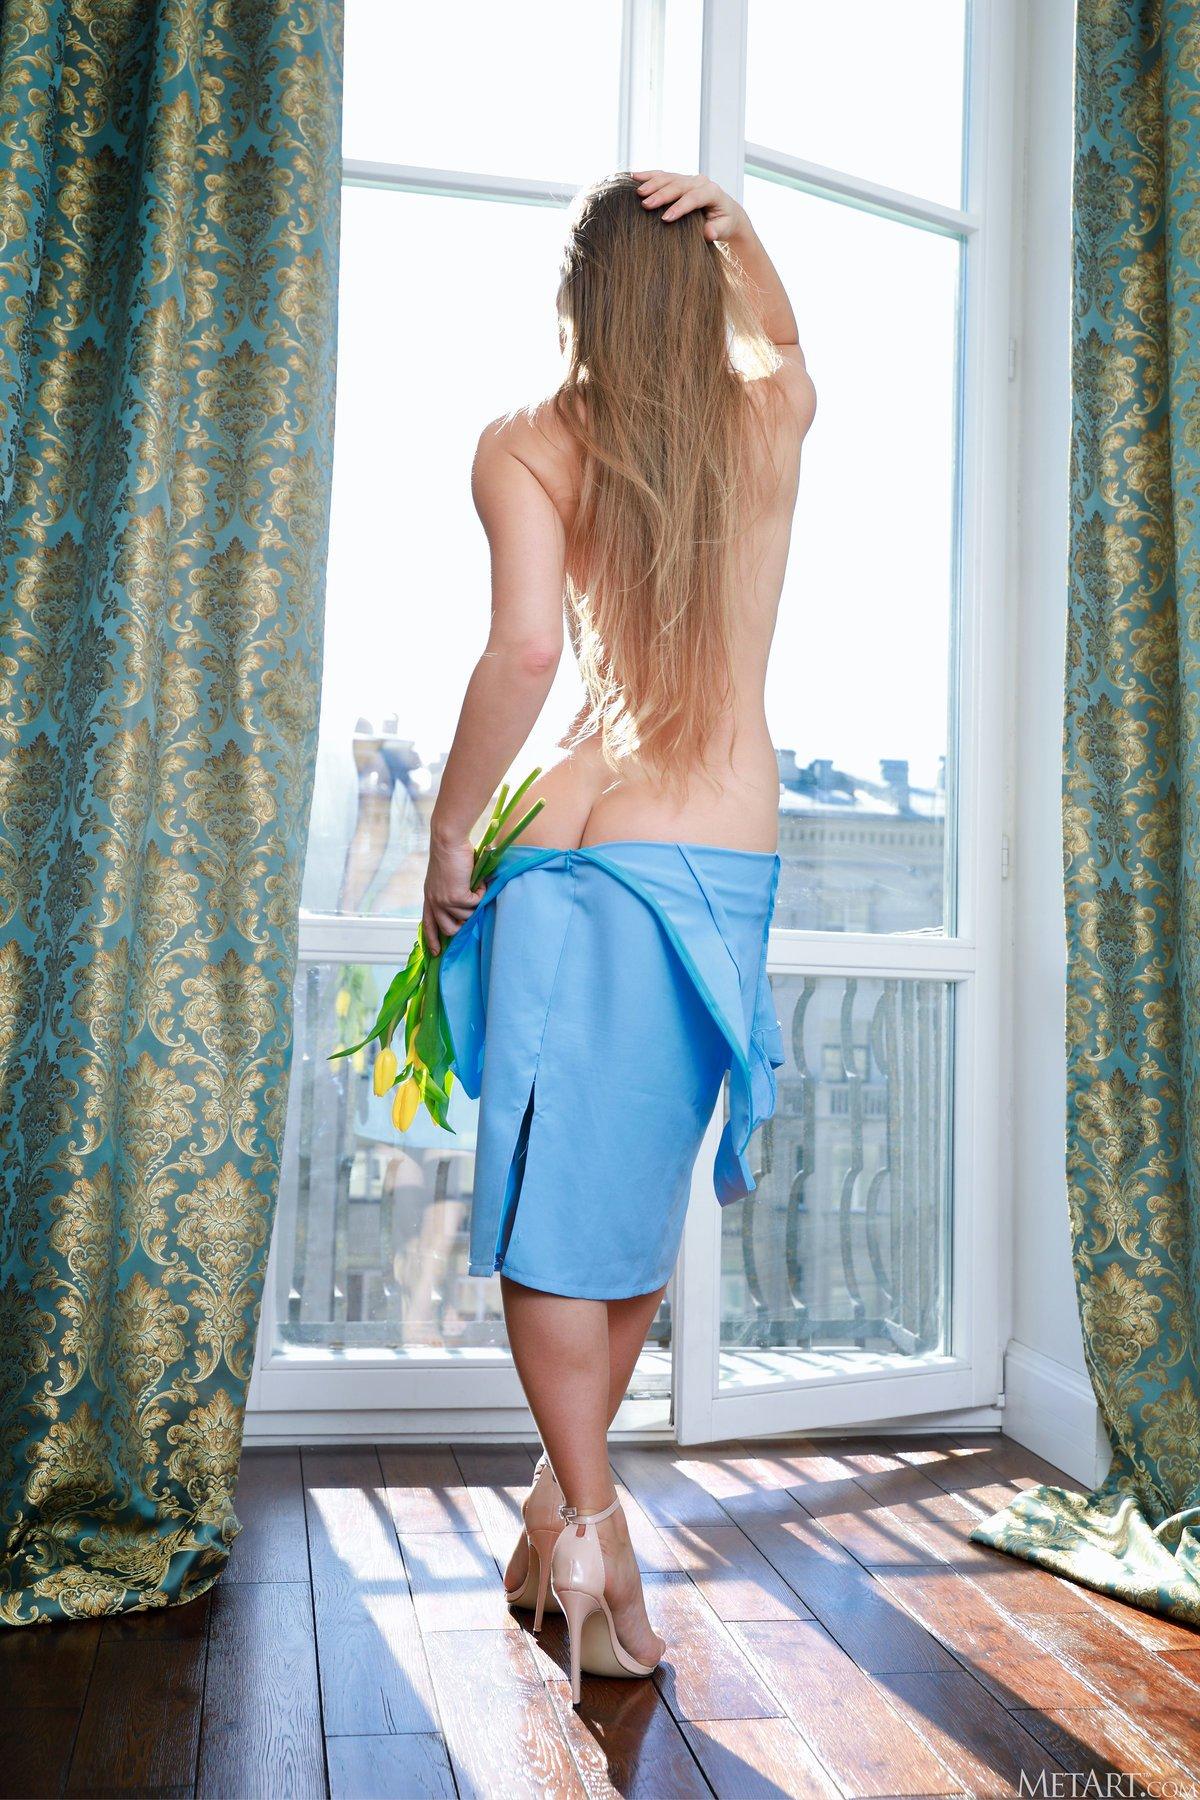 Alina Petite, long hair, brunette, smile, standing, women